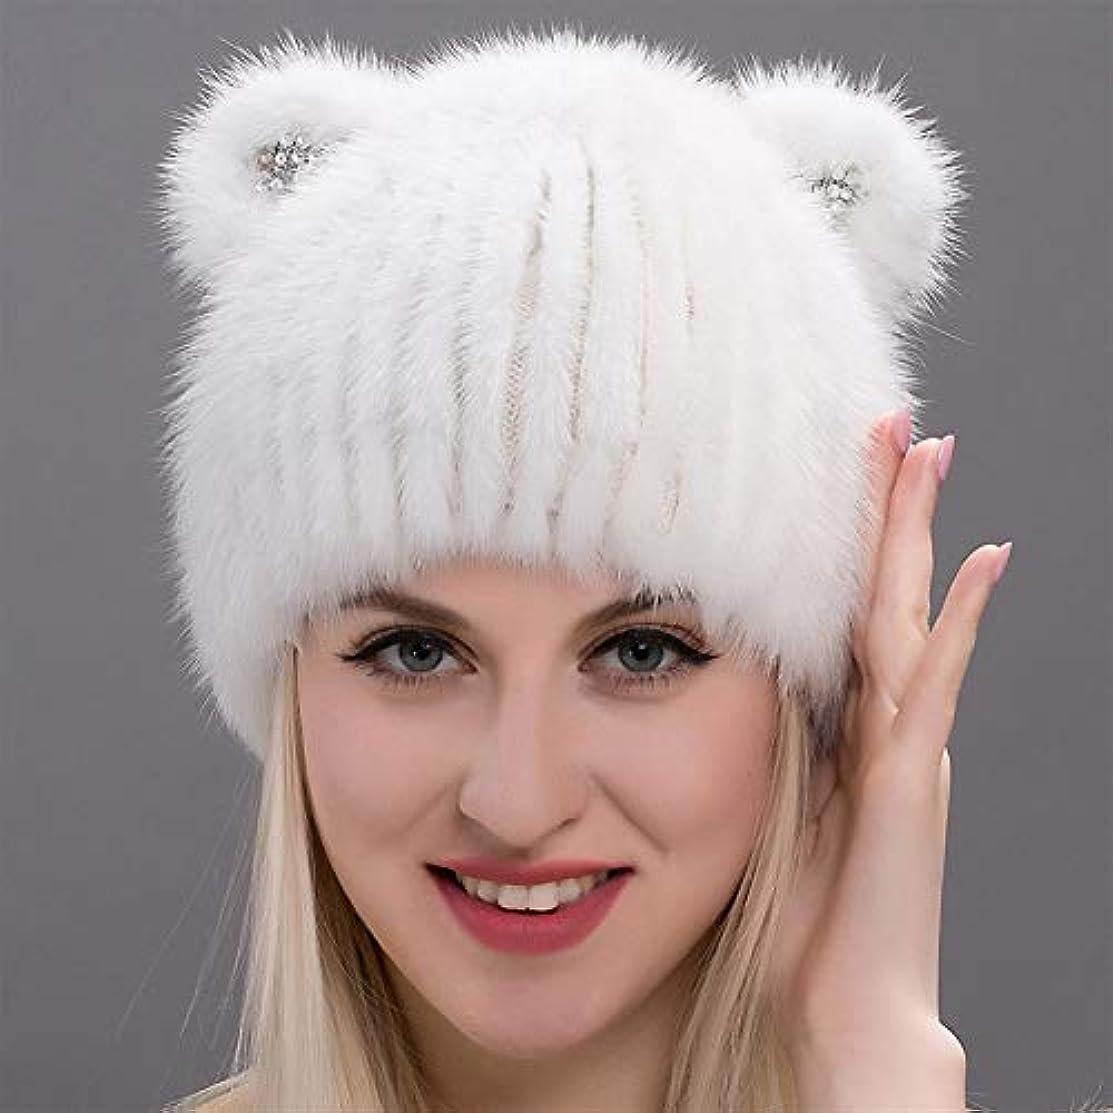 倉庫囲まれた放棄ACAO さんミンクの帽子の冬の帽子の女性のファッションオレッキエッテかわいい耳の毛皮の帽子 (色 : White, Size : Adjustable)